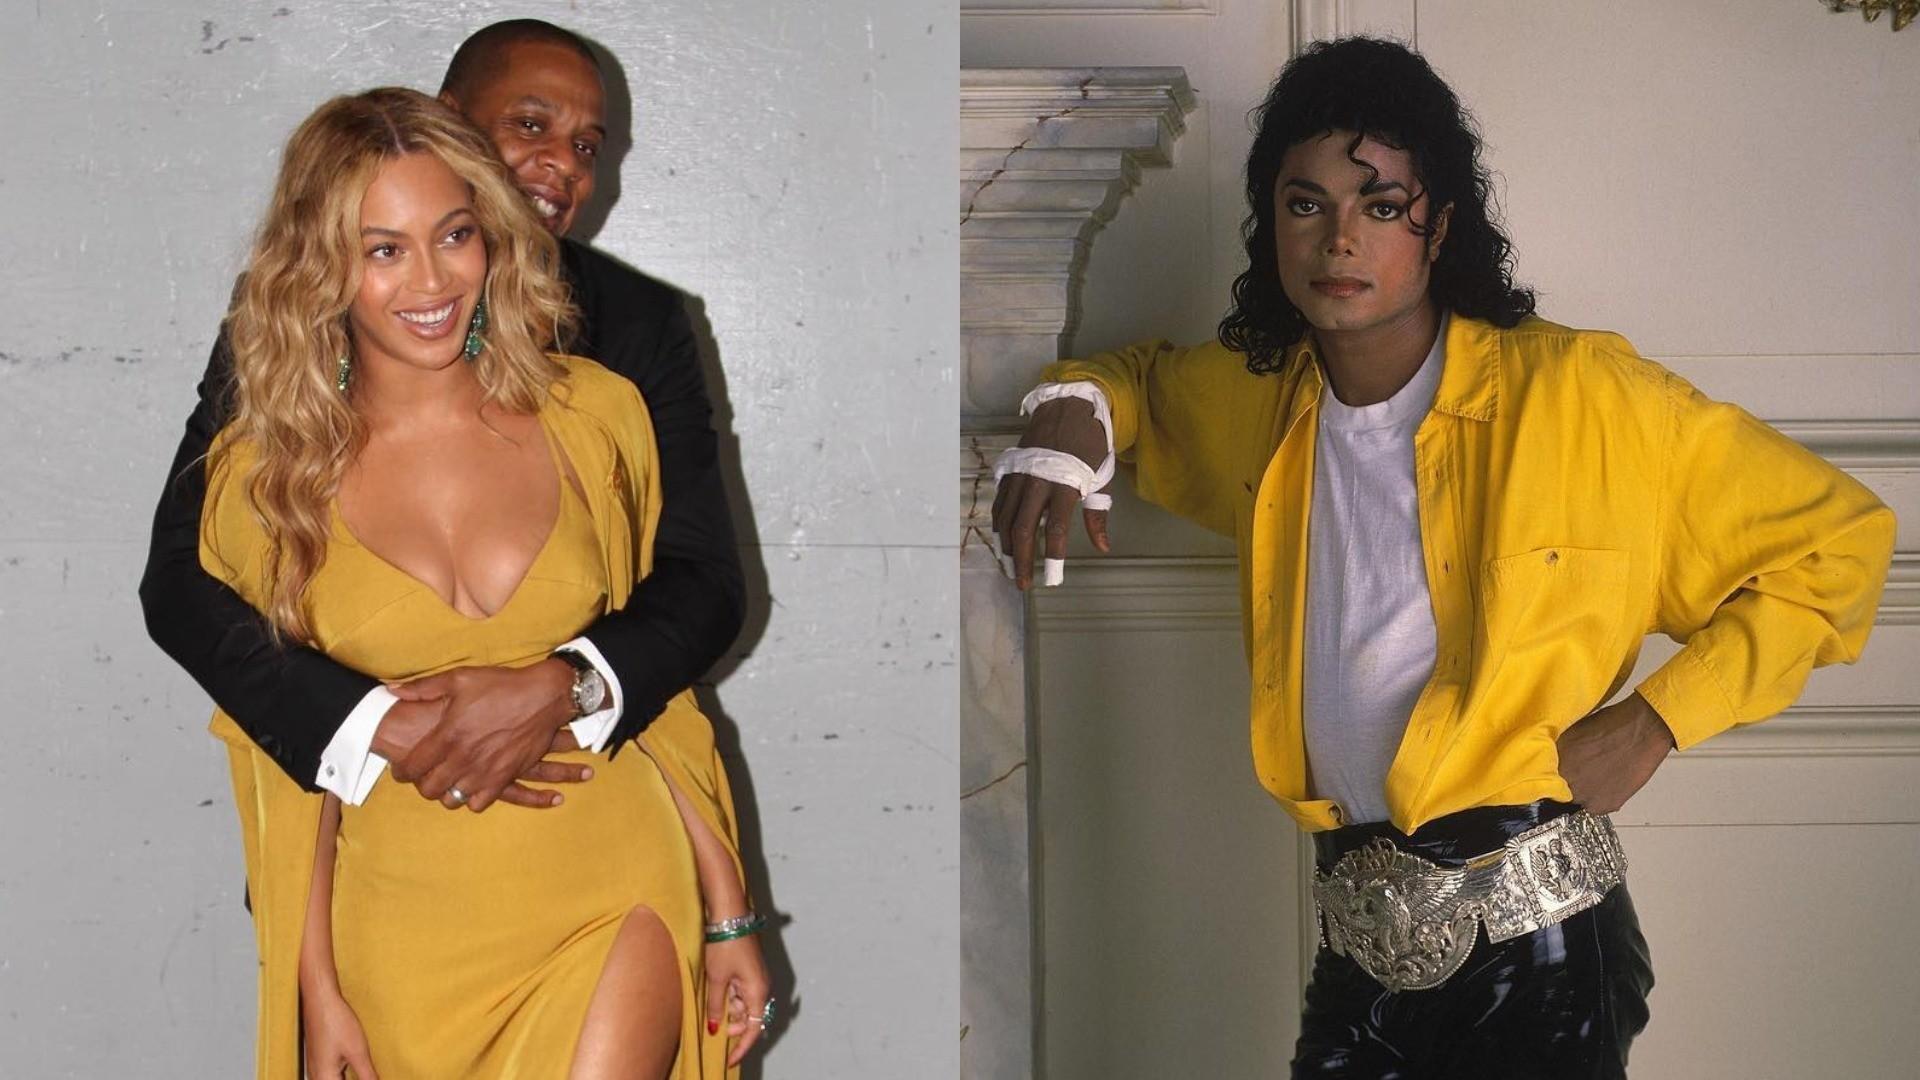 «Майкл Джексон жив»: самые шокирующие теории заговора в шоу-бизнесе